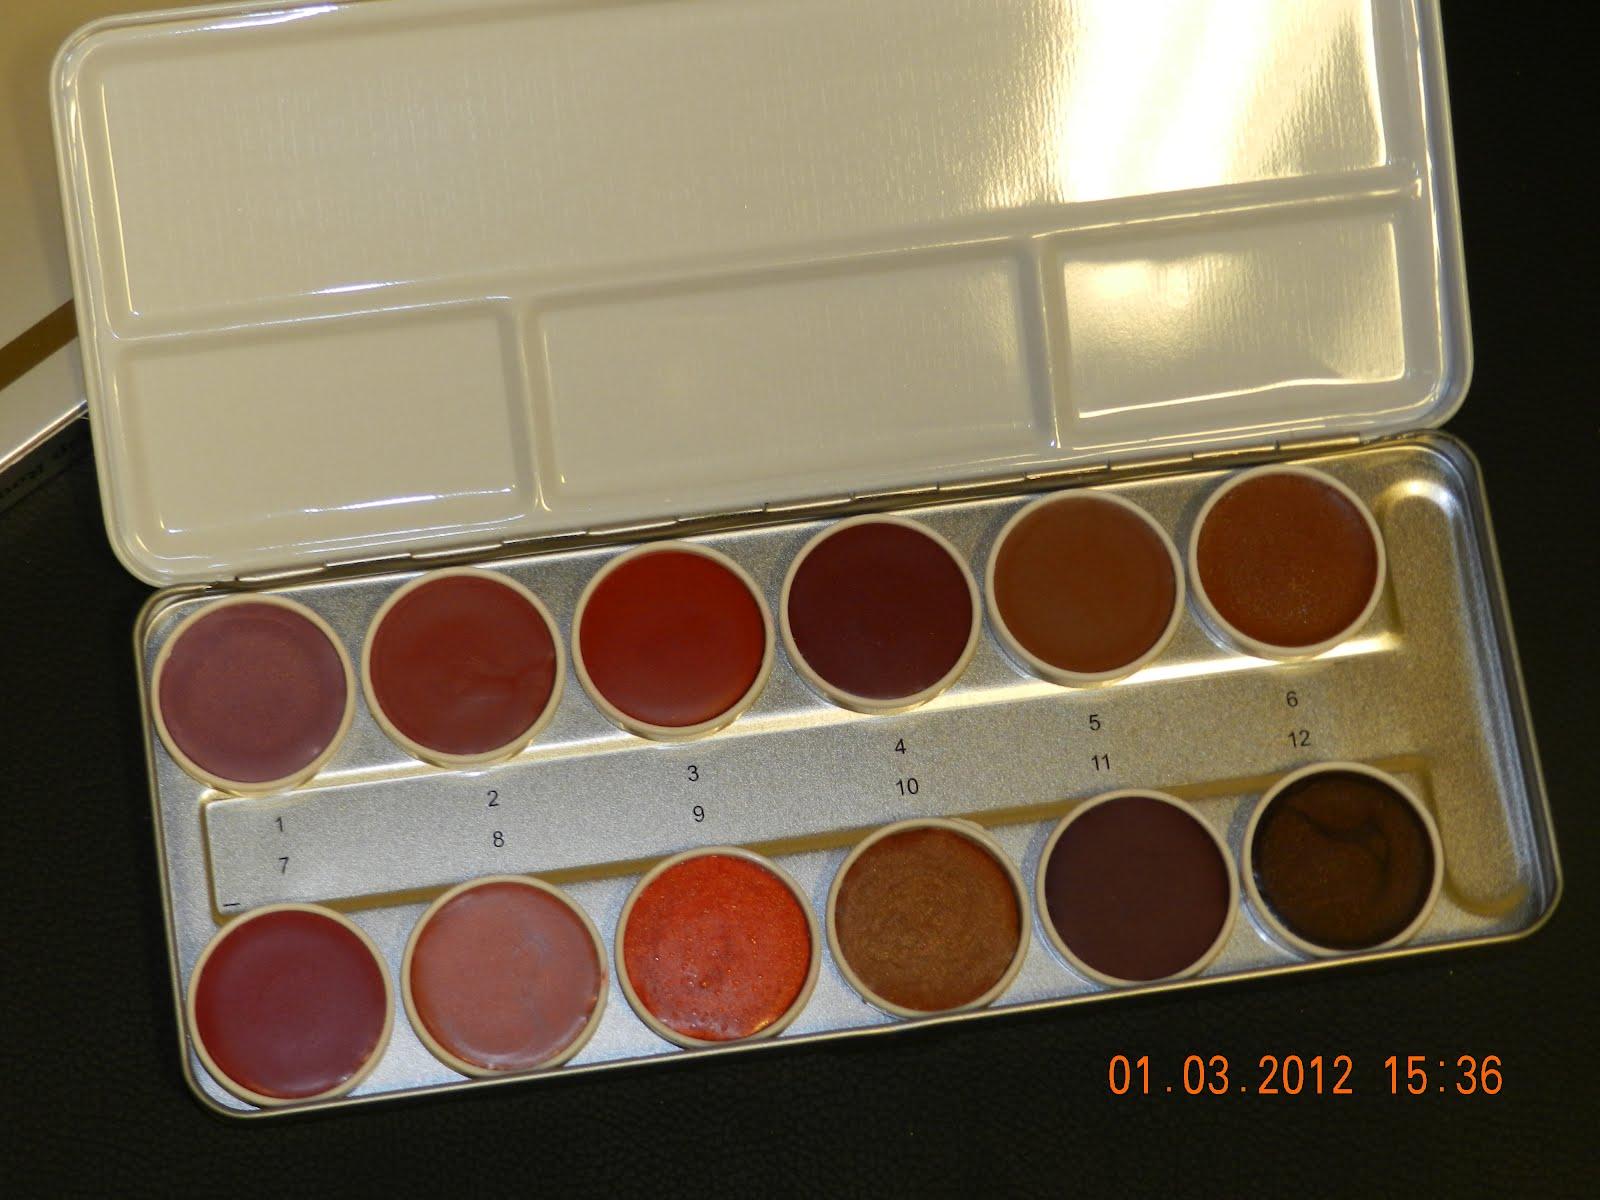 Stars Cosmetics (India) Pvt. Ltd.: Stars Cosmetics Launch ...